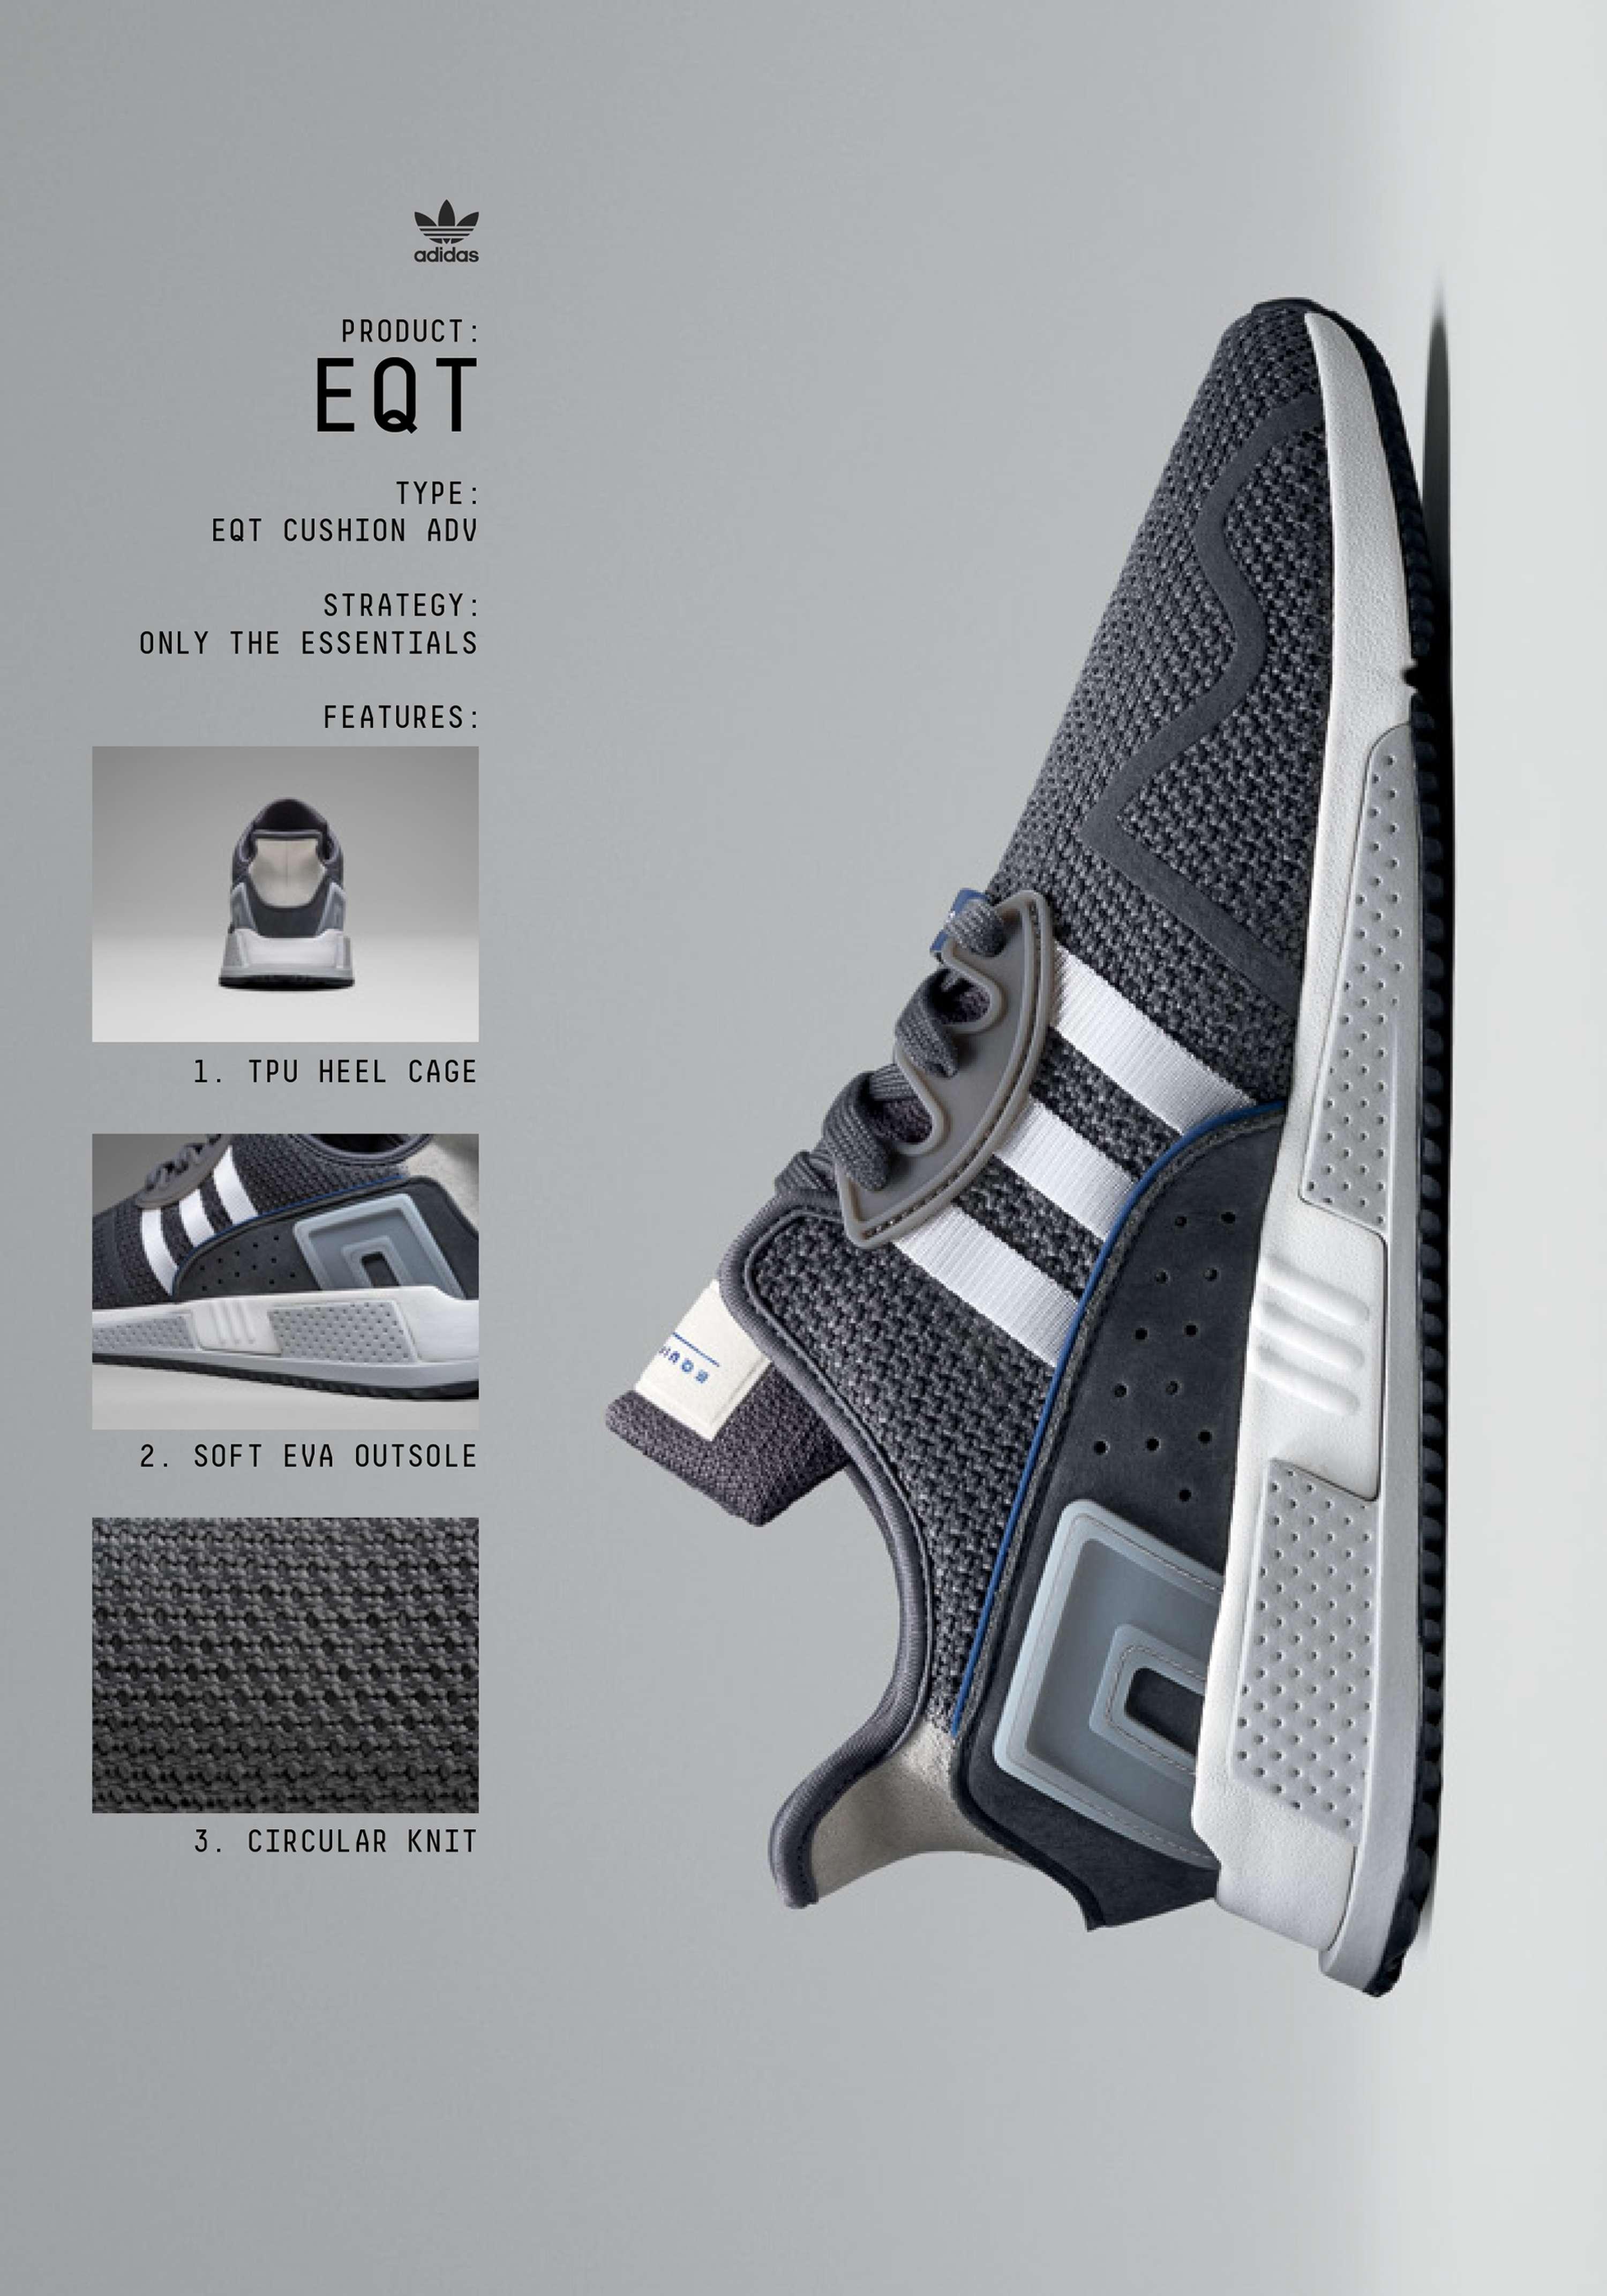 adidas originals EQT campaign | The Dots